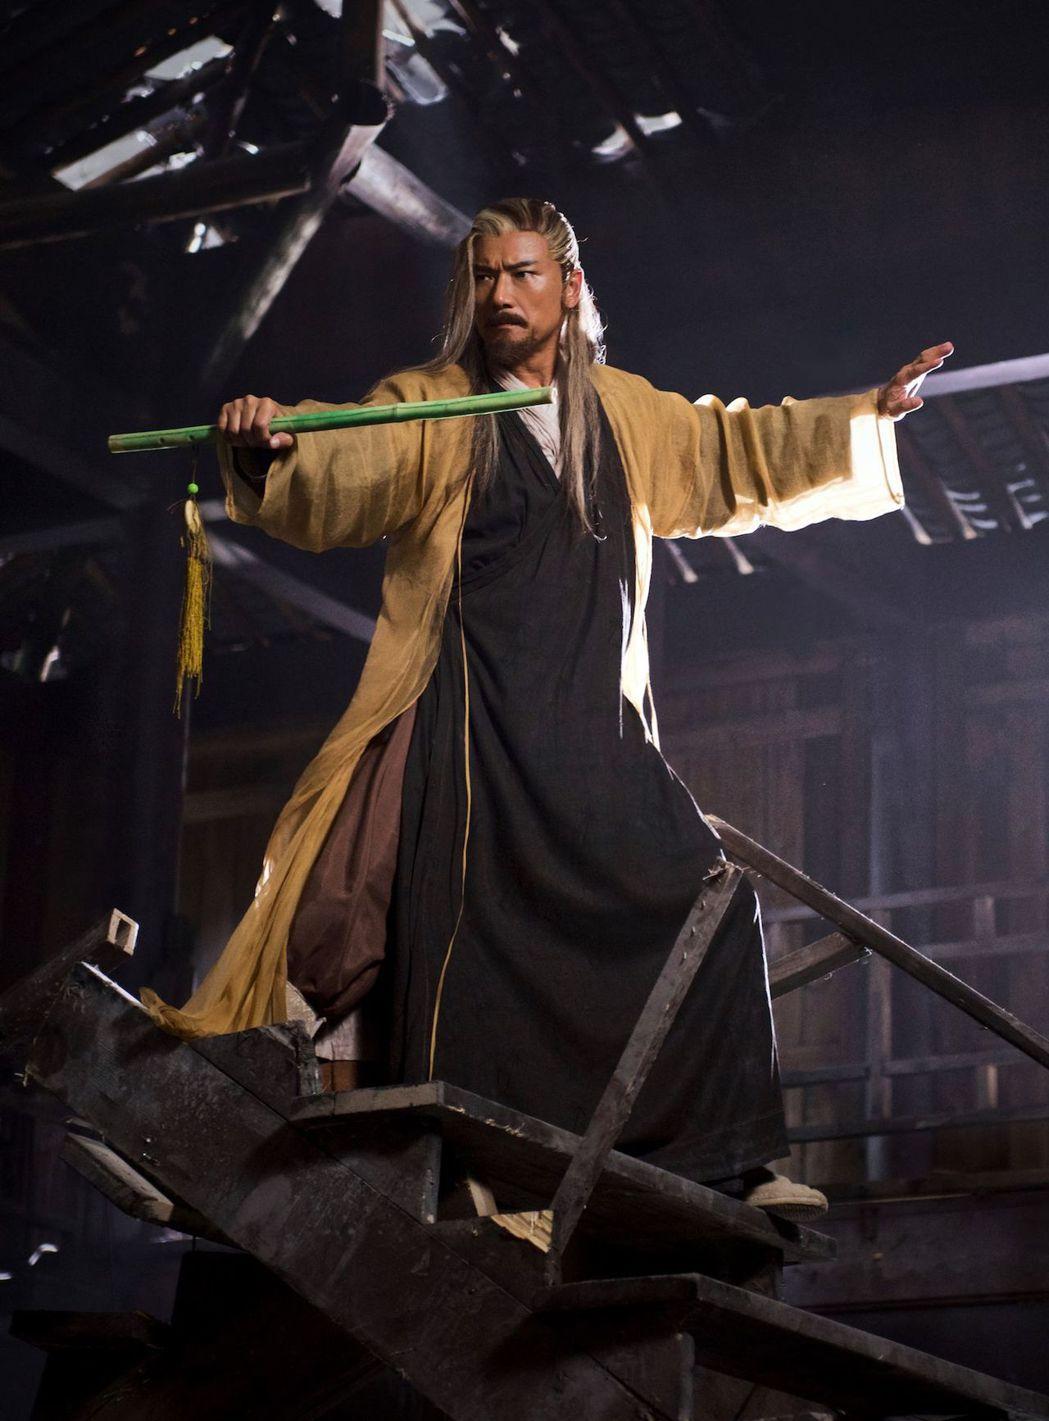 苗僑偉在「射鵰英雄傳2017」戲中飾演黃藥師,被讚「有型到世界盡頭」。圖/中天提